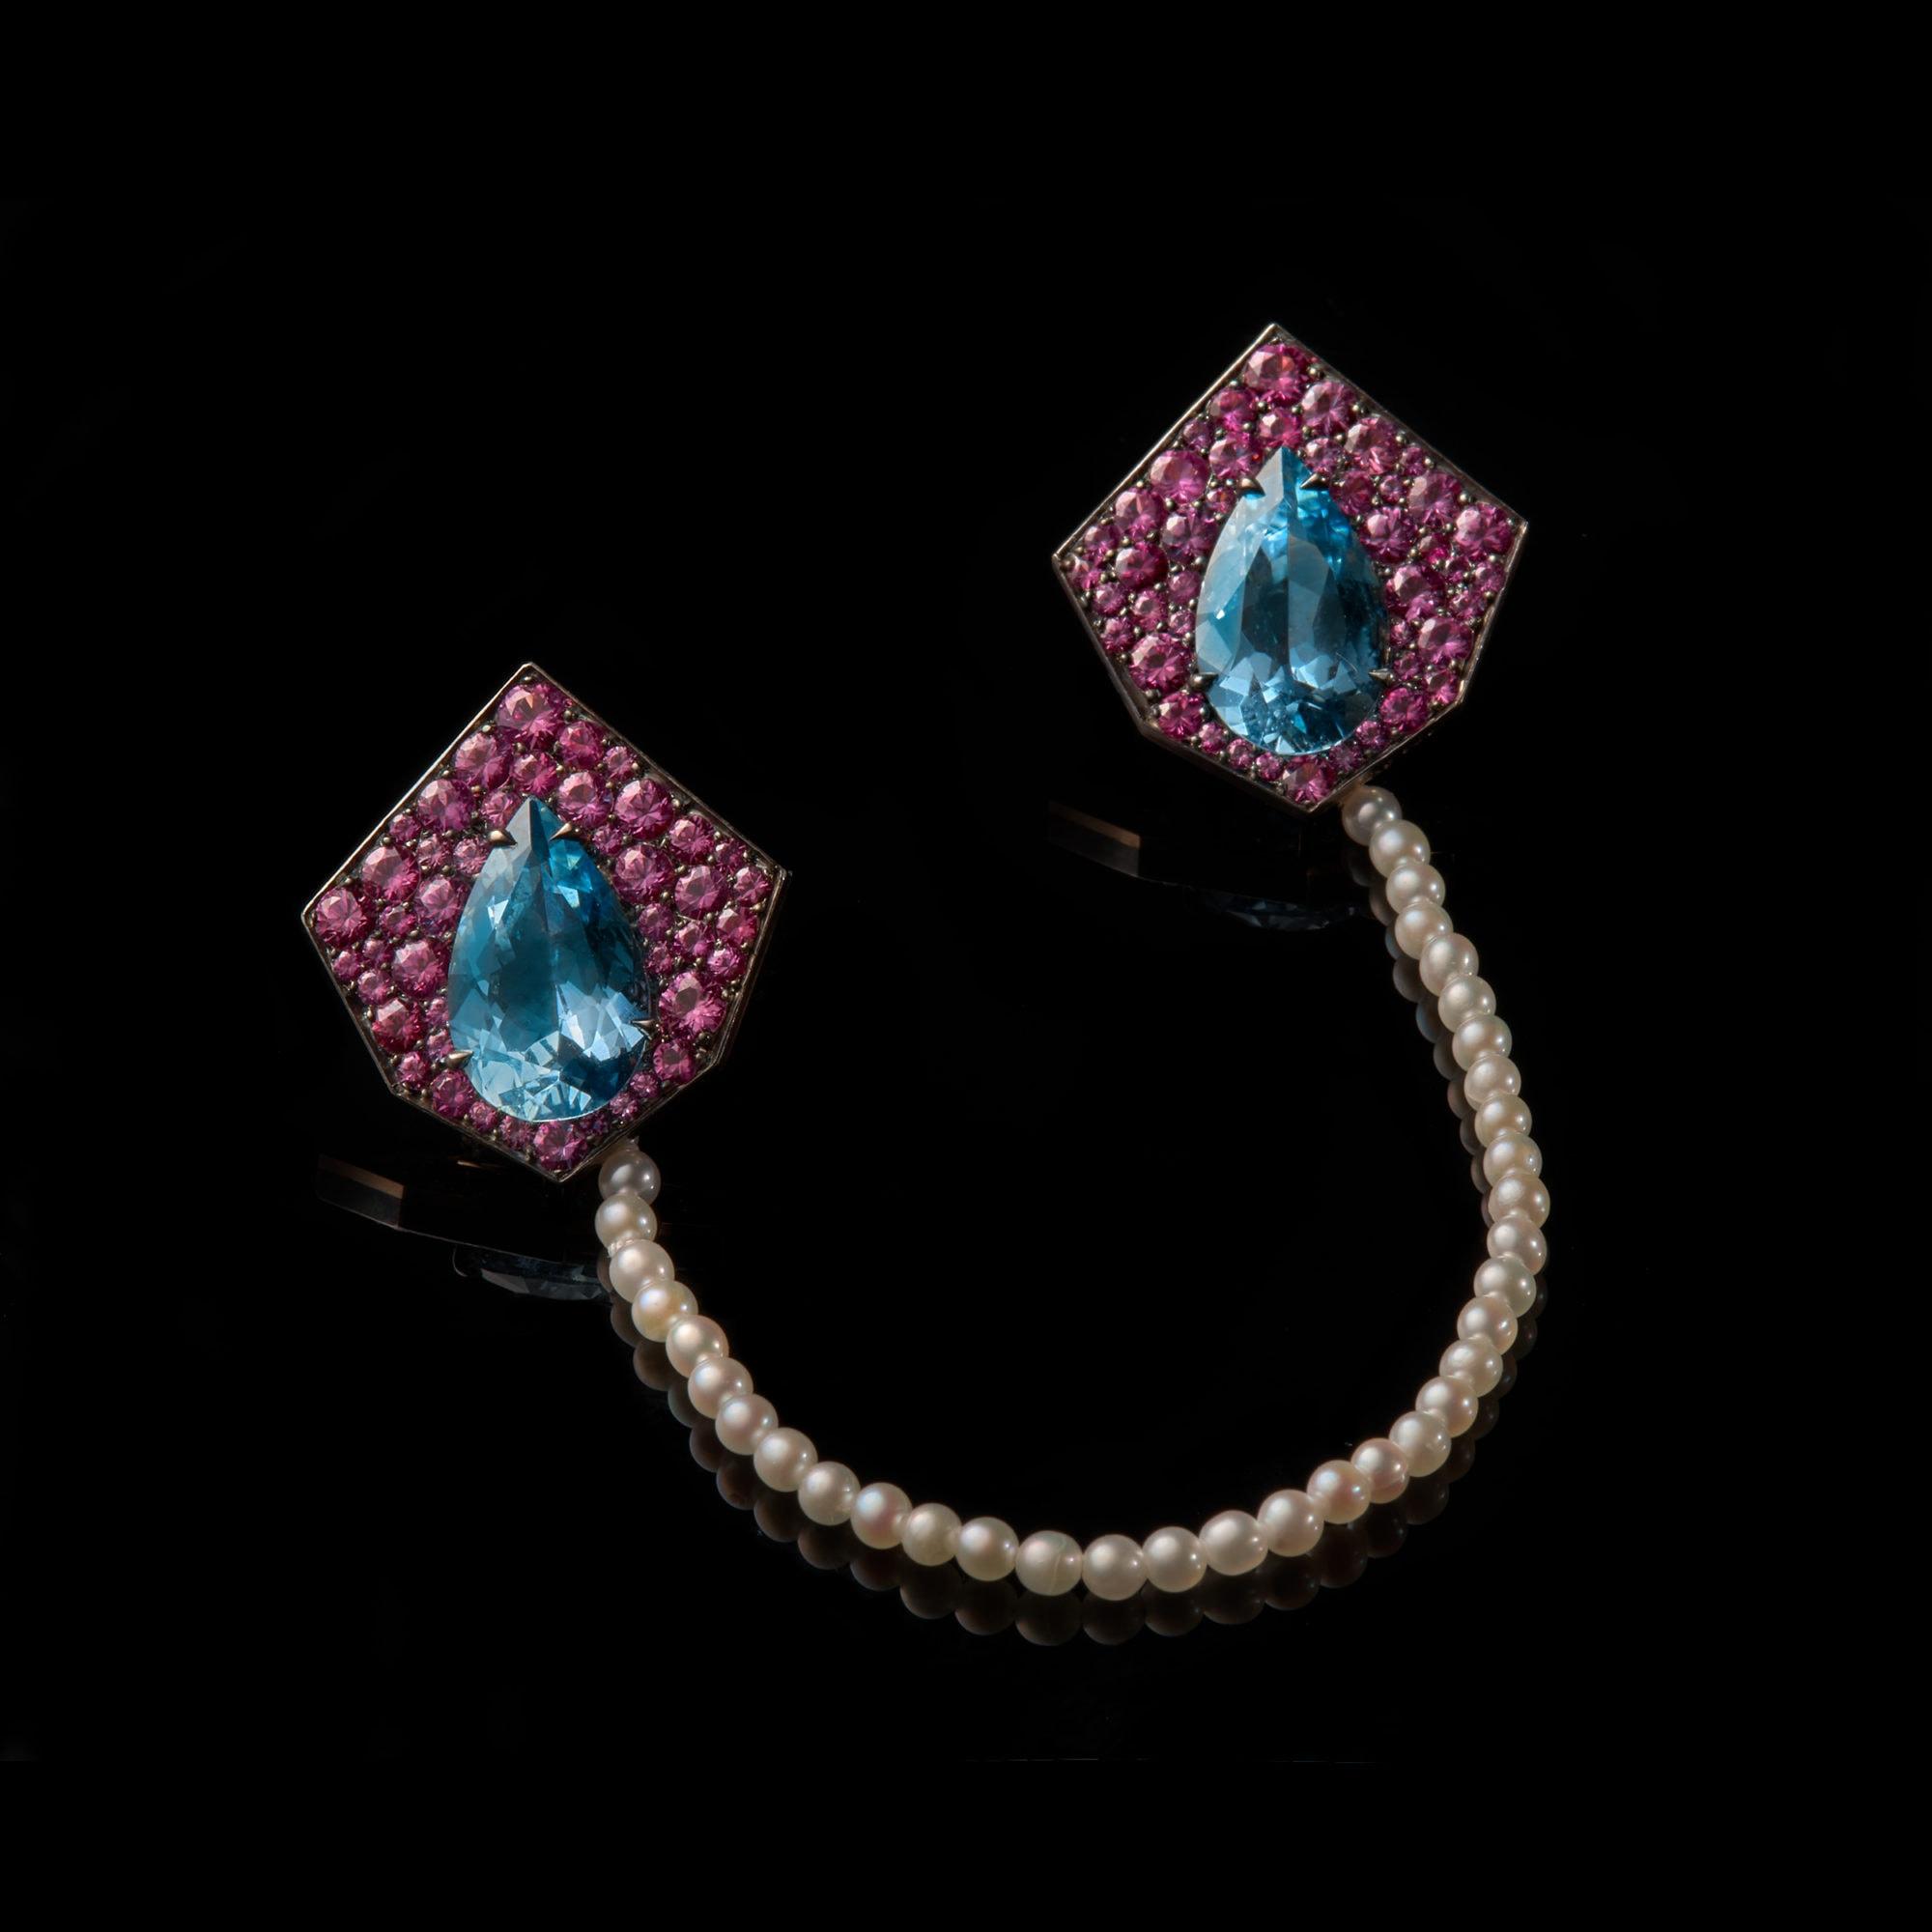 Kite Brooch Earrings